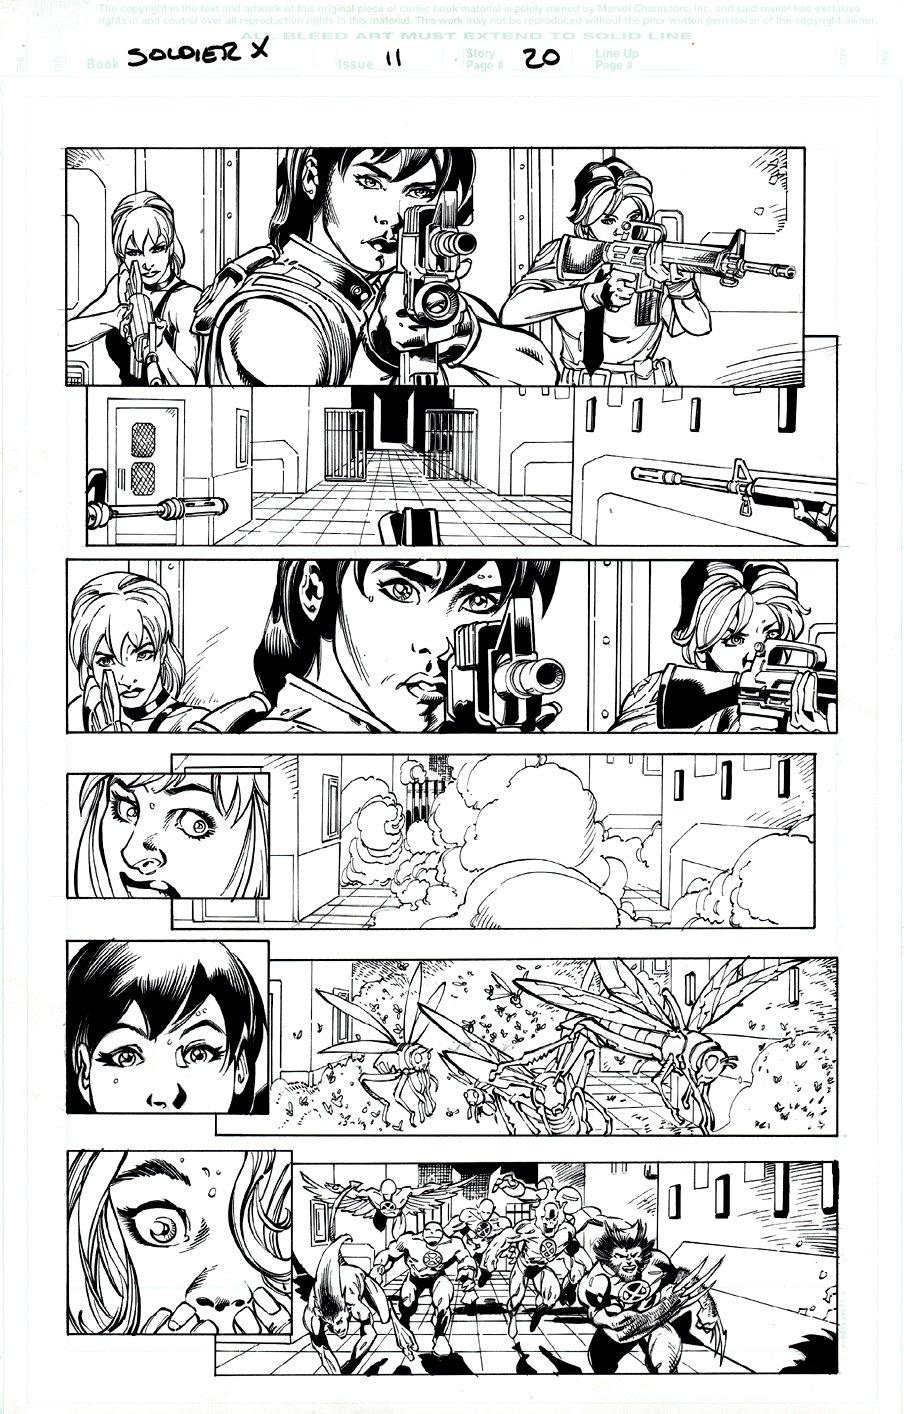 Soldier X #11 p 20 (X-Men - Wolverine Action!) 2003